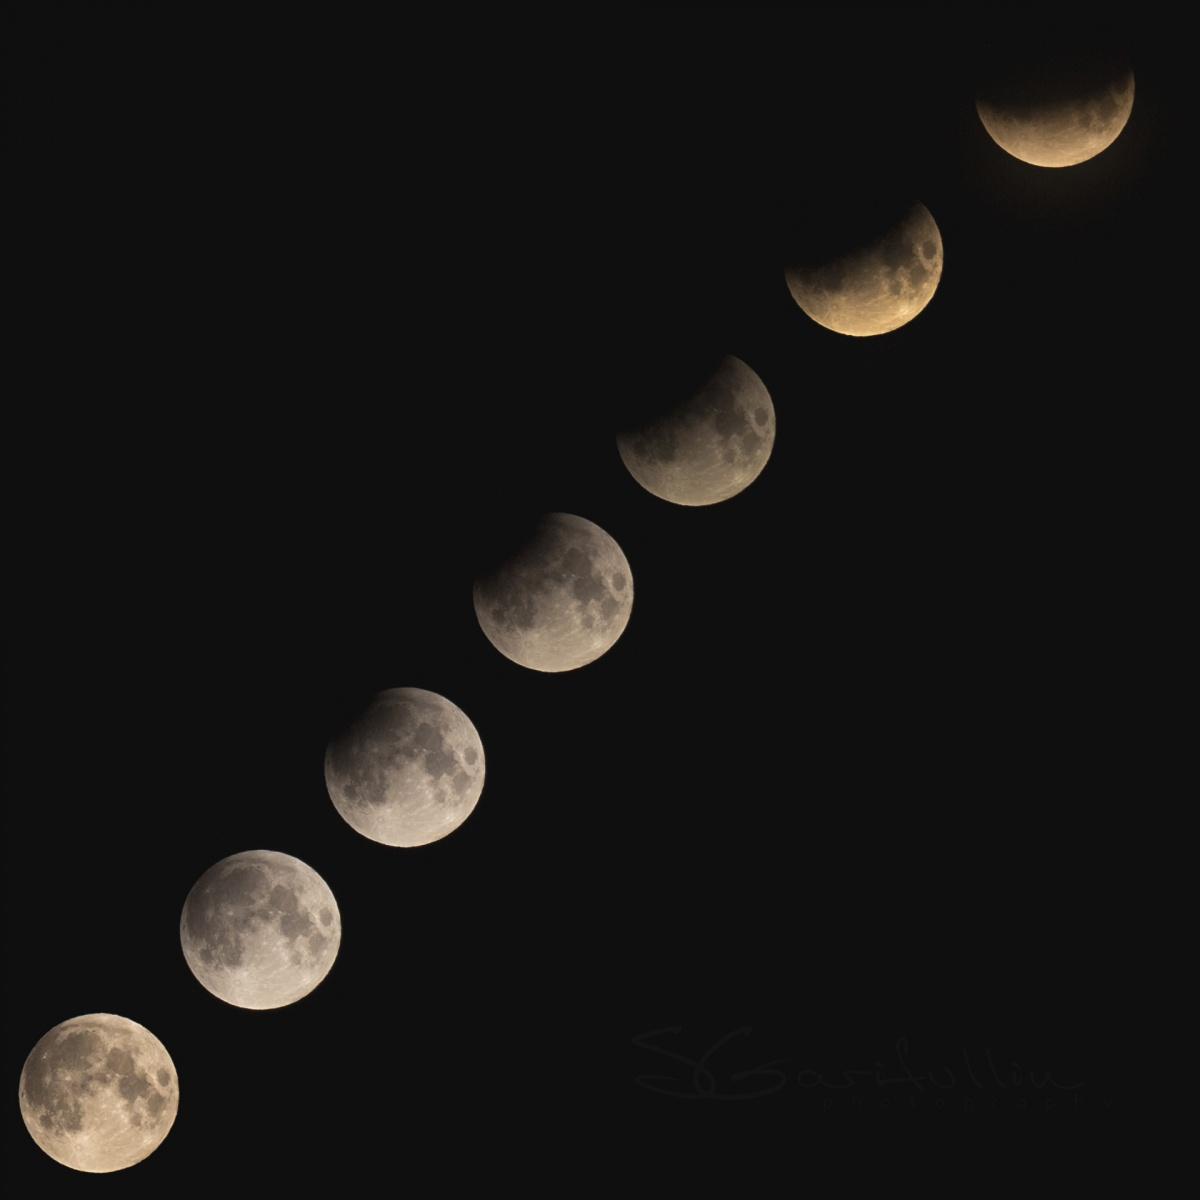 А на этом фото видно все фазы затмения